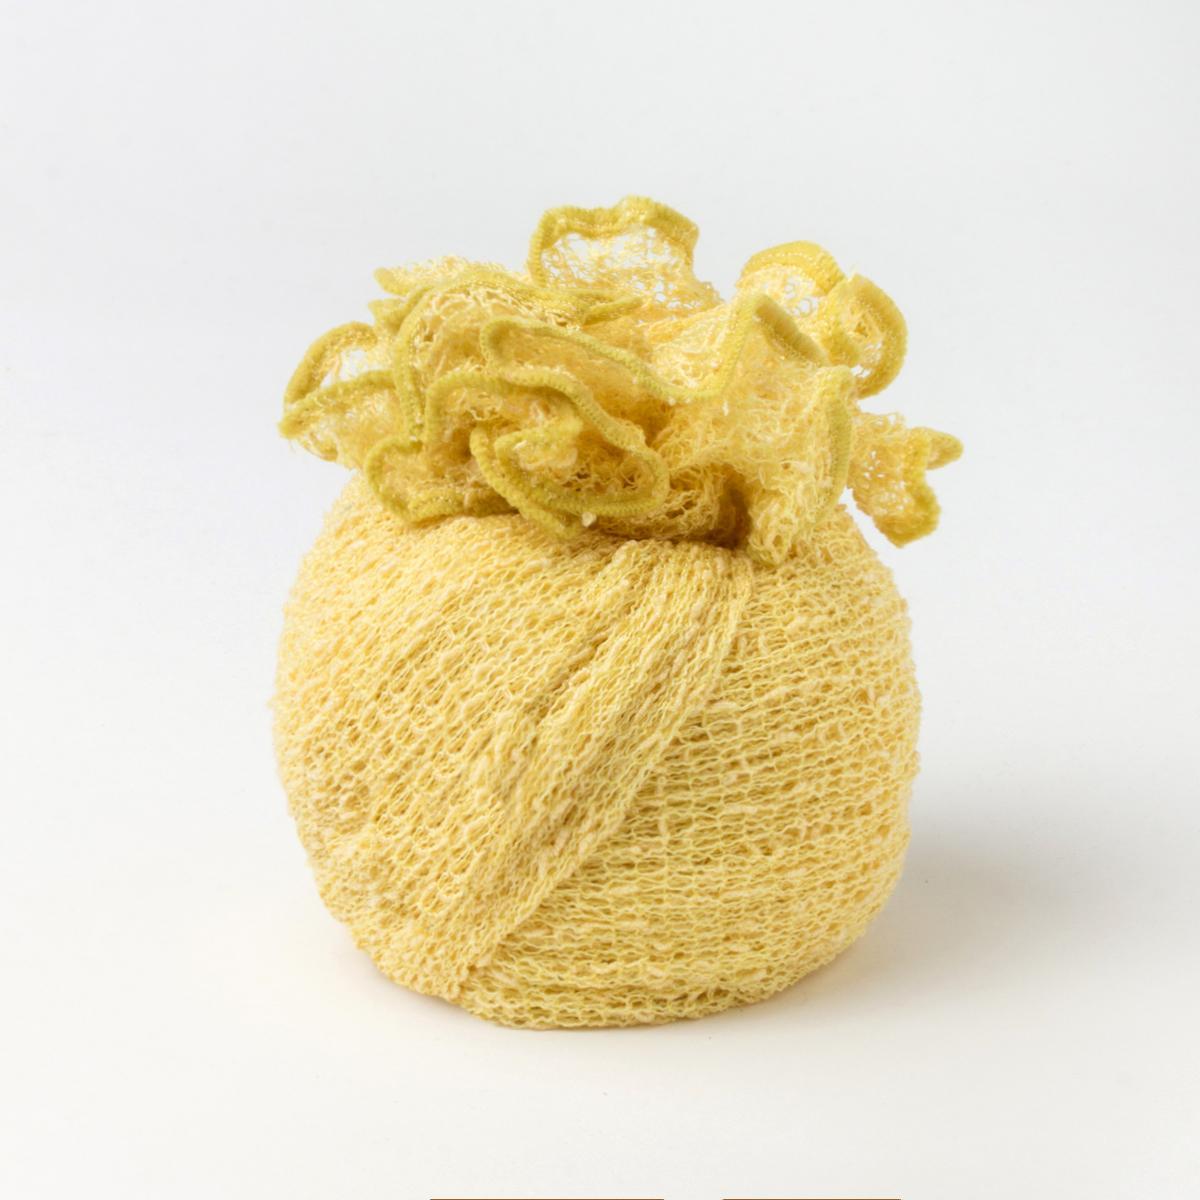 Ponchetto Giallo Limone | Accessori collezione estate donna